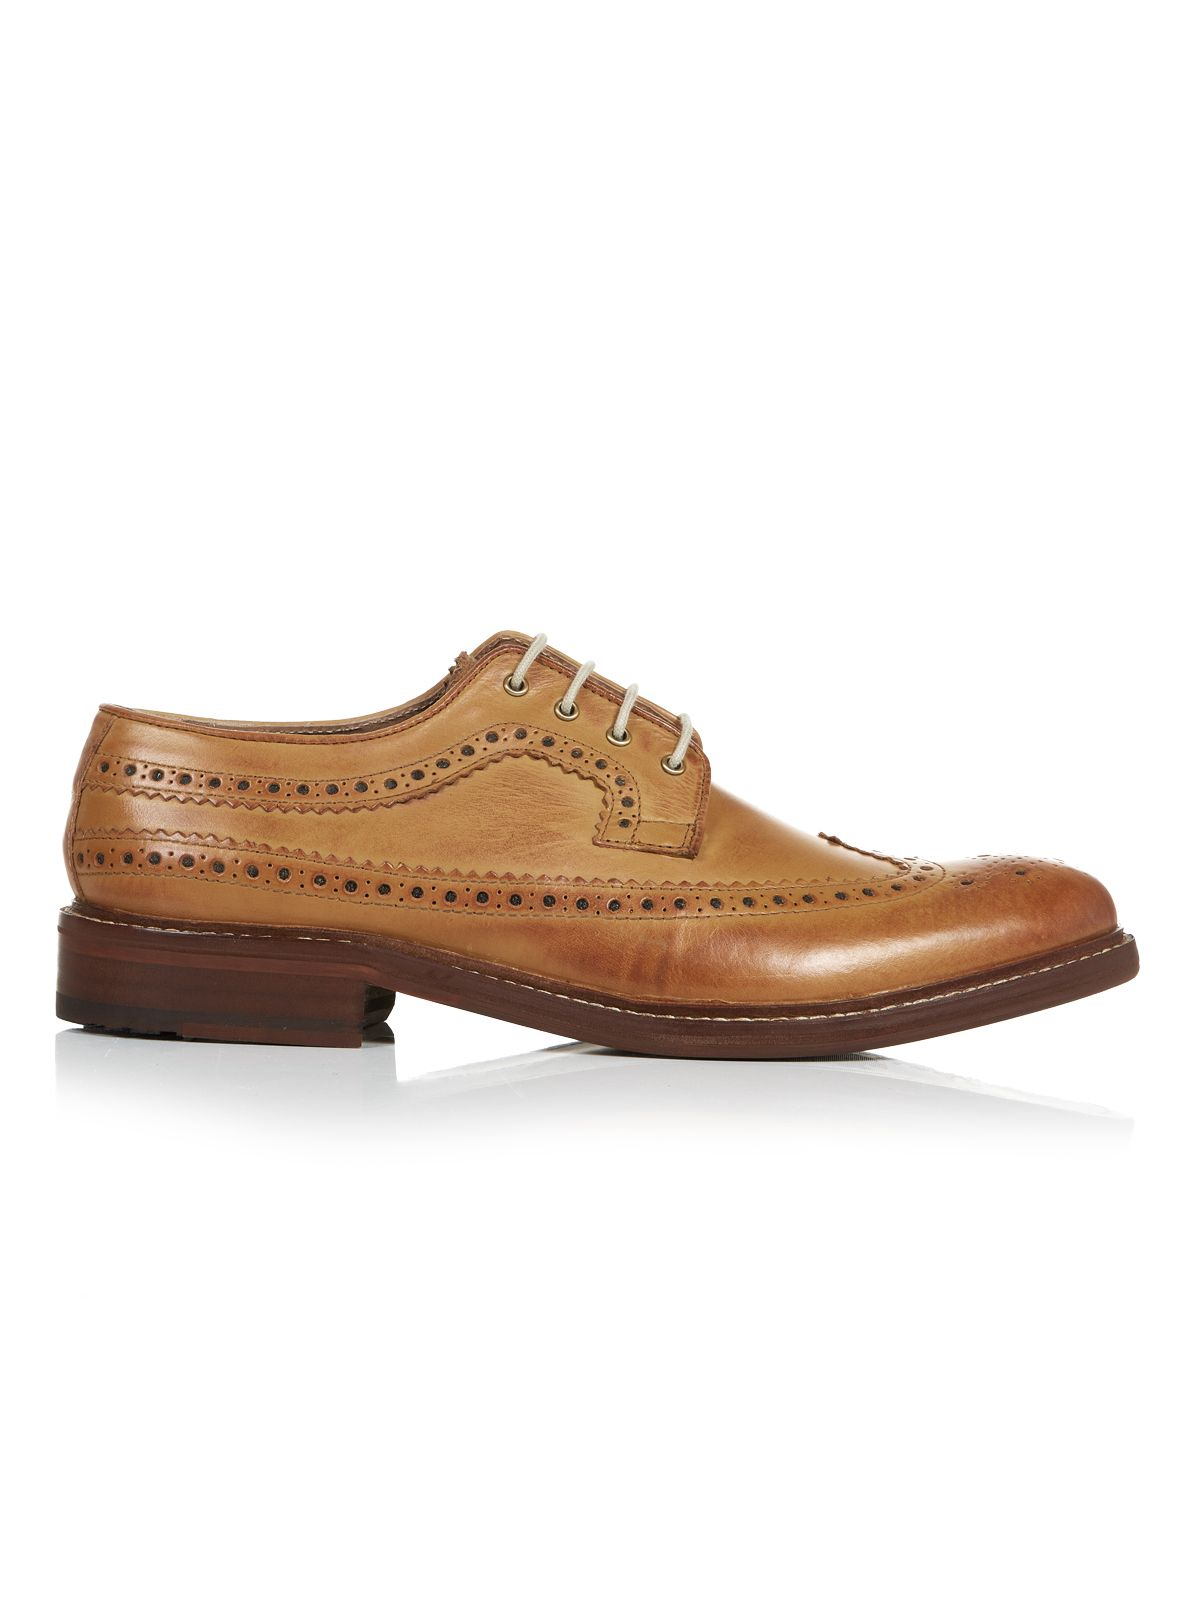 Ben Sherman Brown Shoes